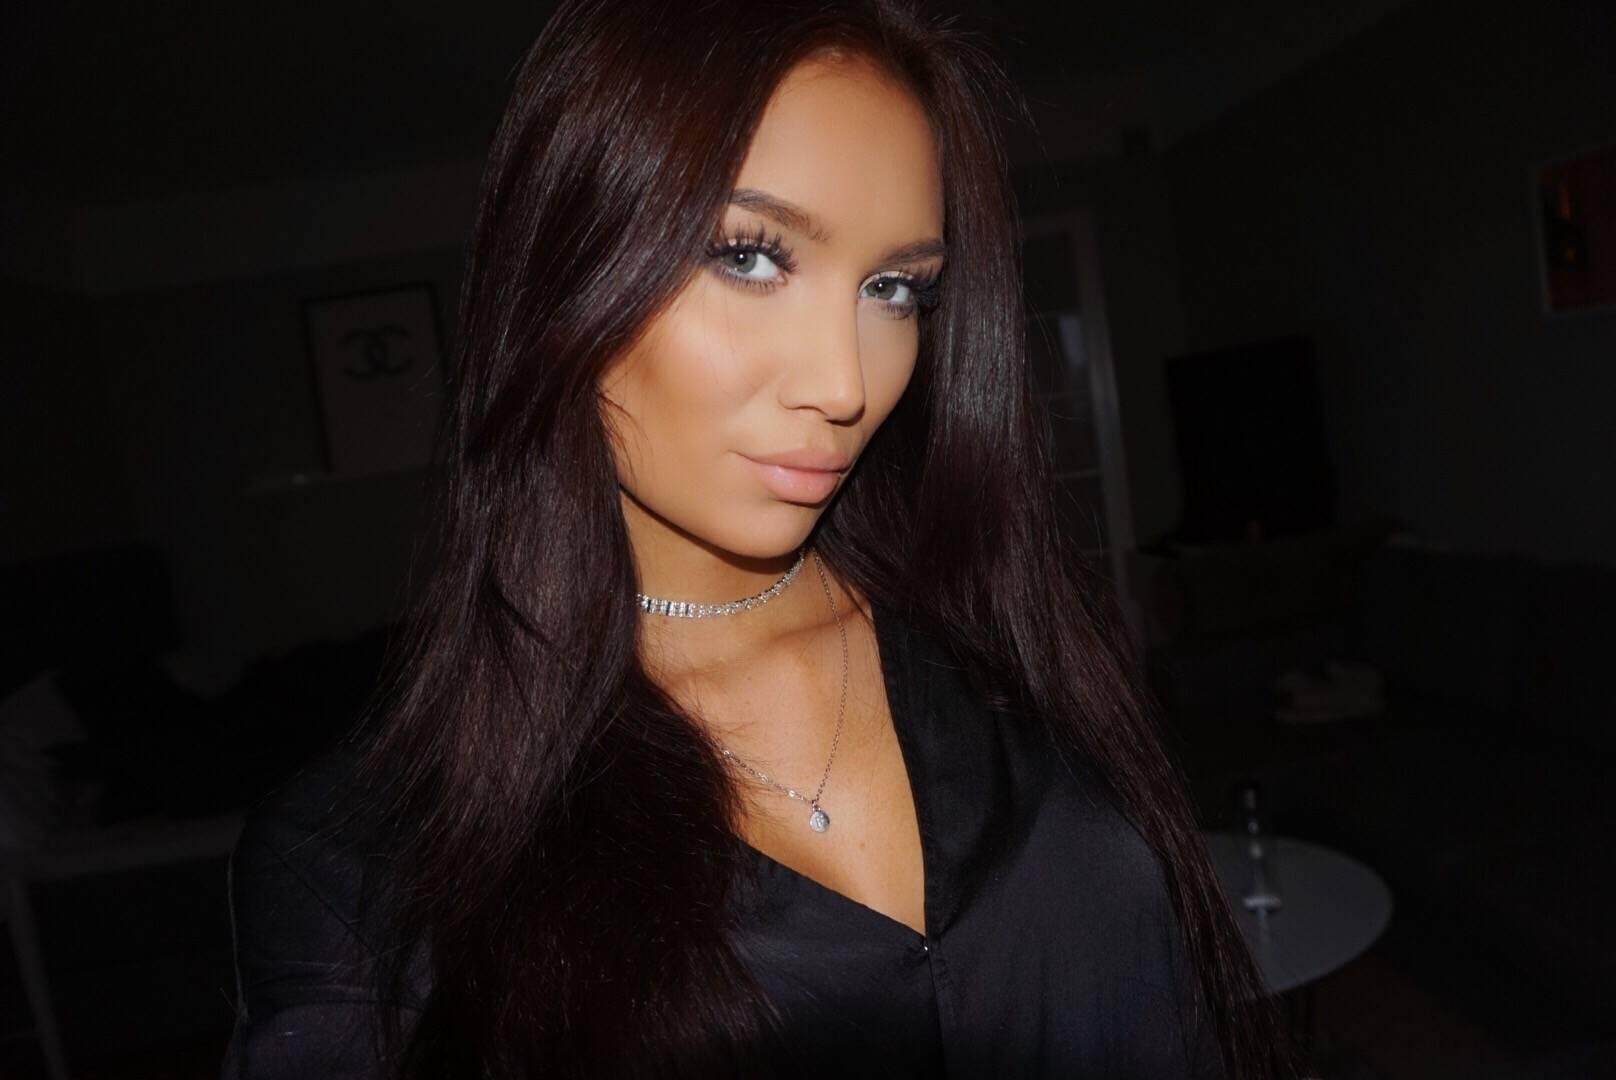 svart toning hår